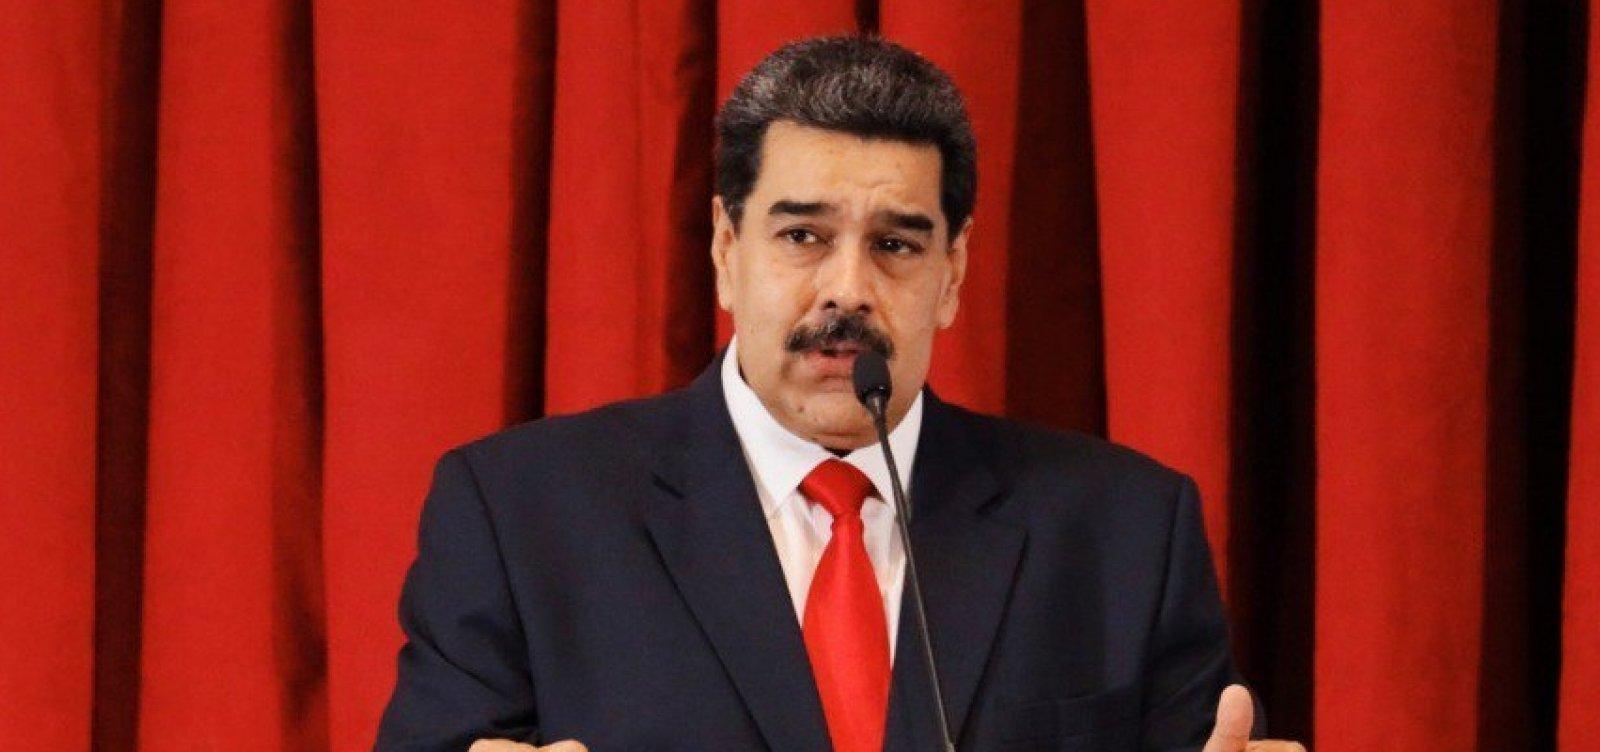 Maduro nega ter perdido apoio de militares e acusa oposição de golpe